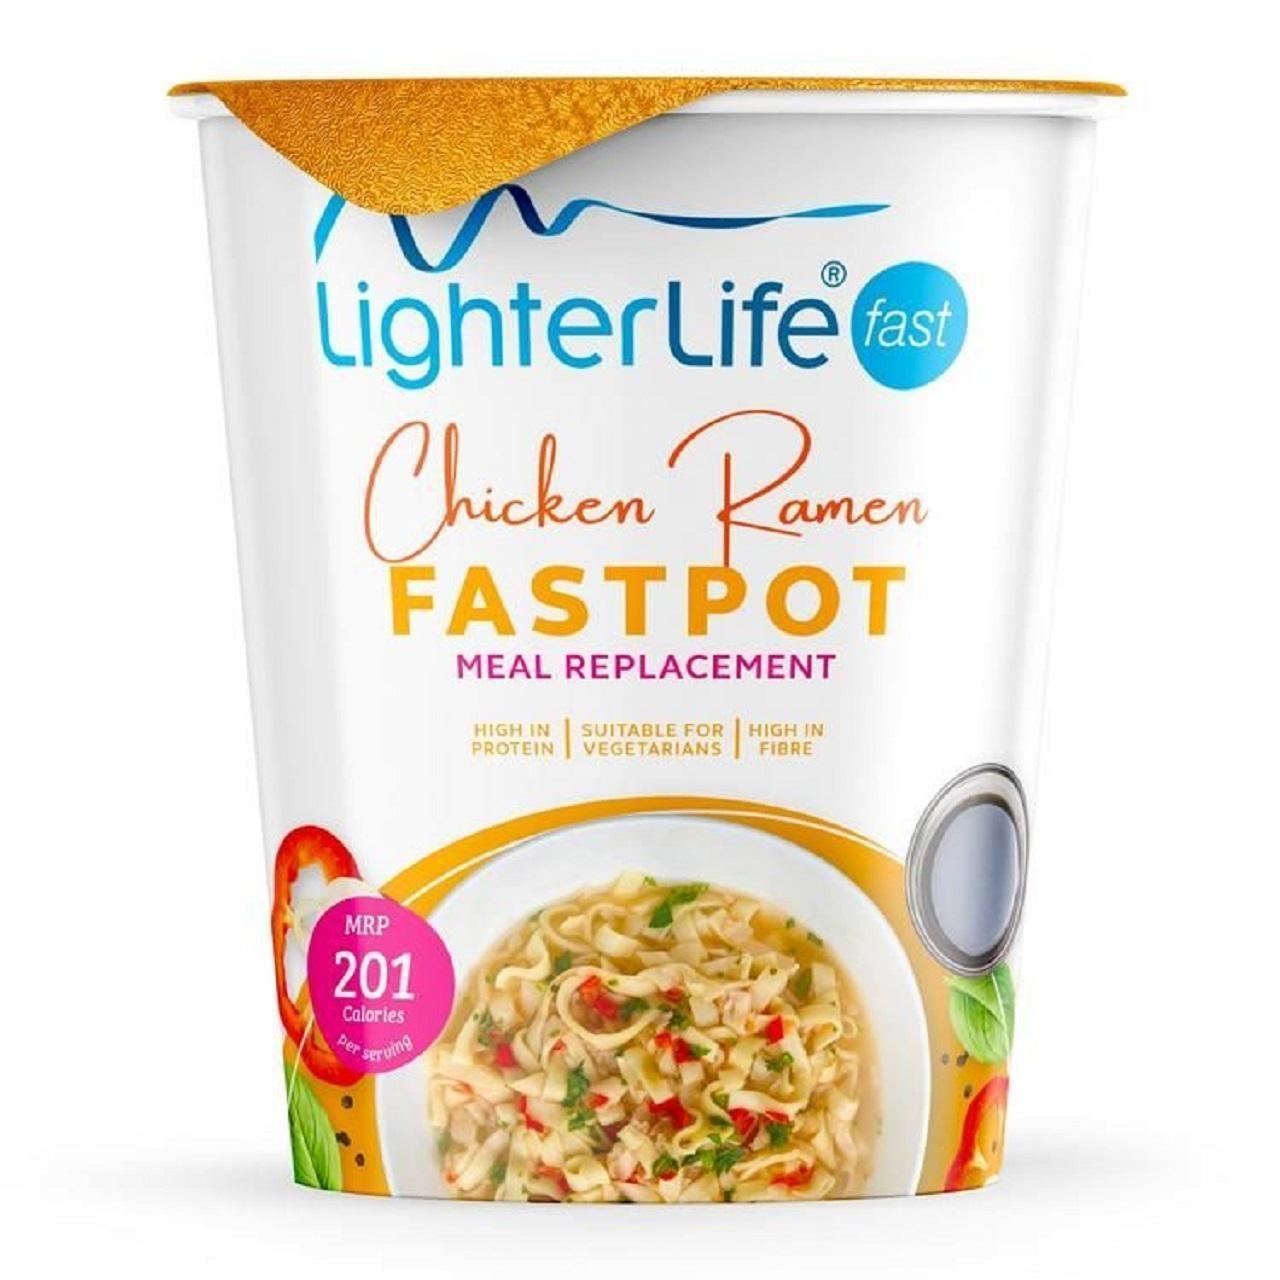 Lighter Life Diet